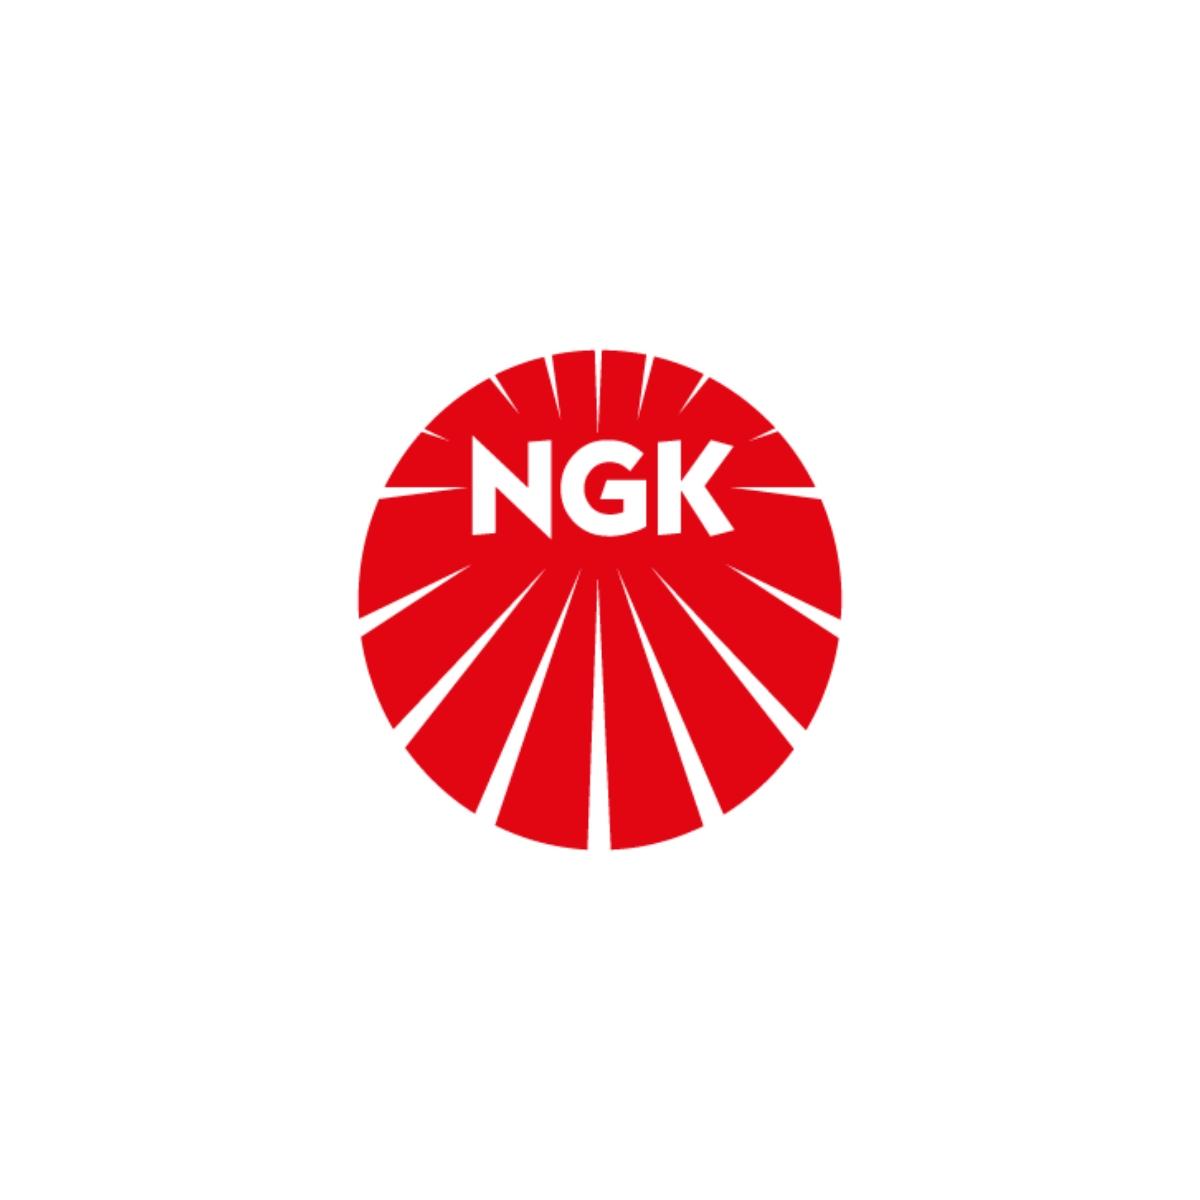 Vela CR8EB para Jet Ski Sea doo Spark NGK (Unitária)   - Radical Peças - Peças para Jet Ski